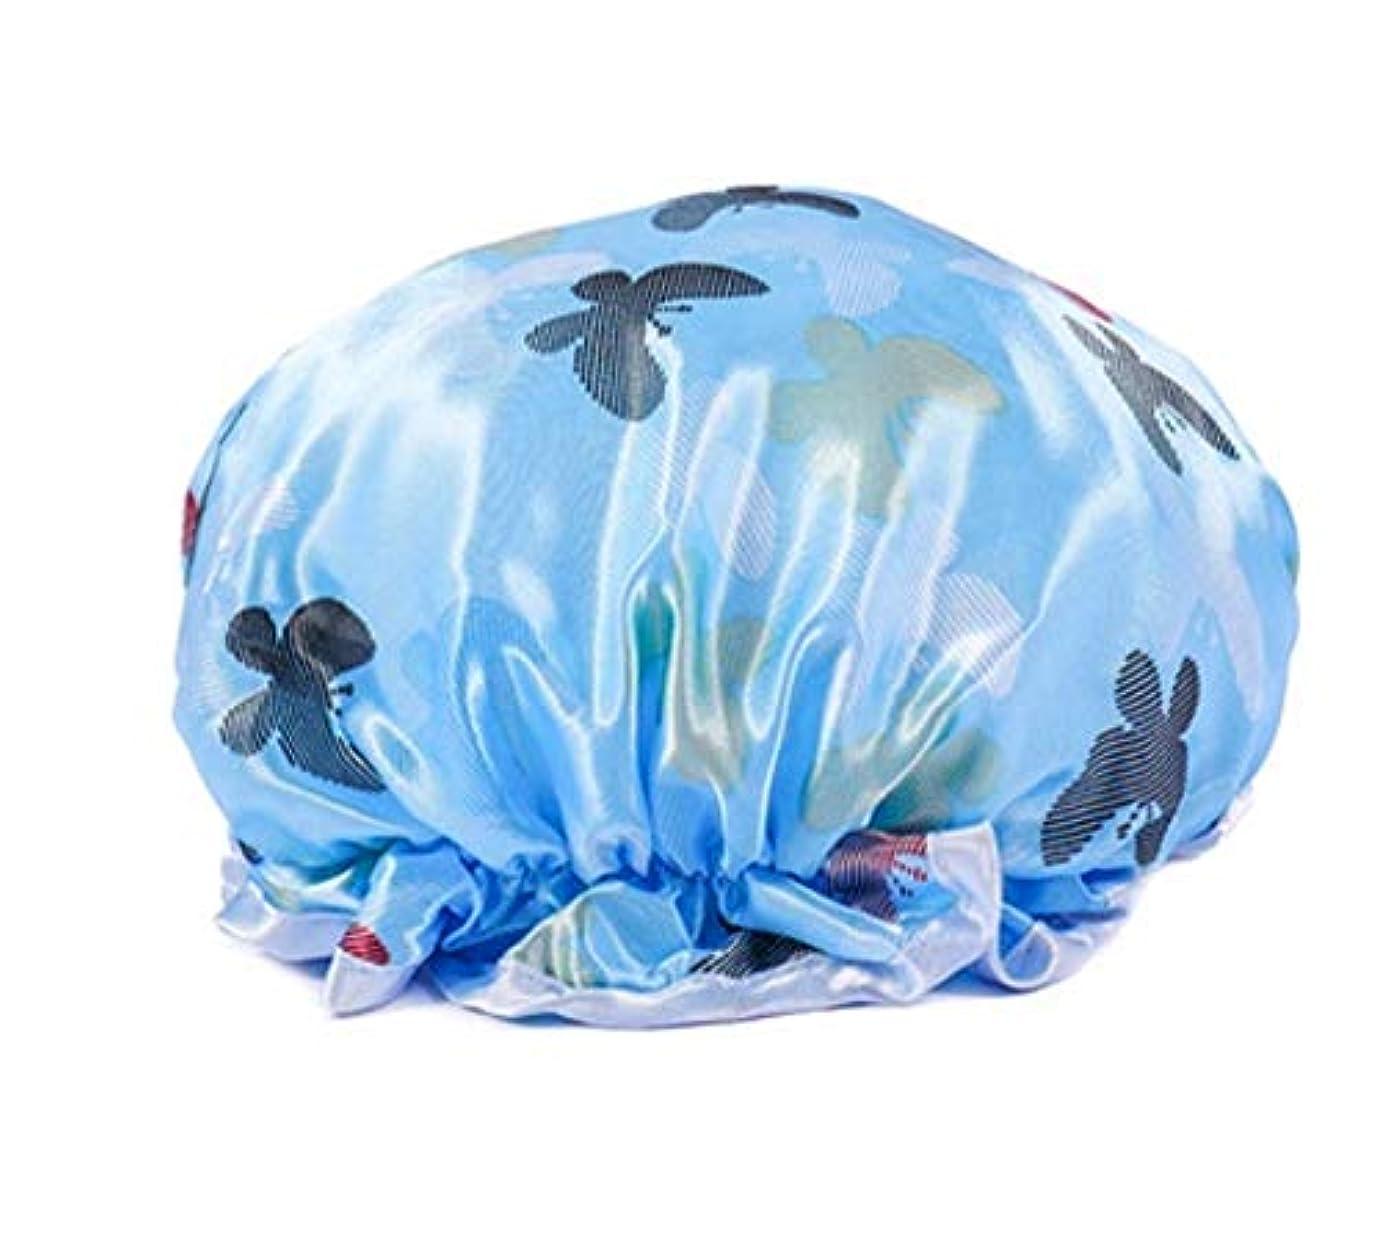 協力ステップ説明するシャワーキャップ 可愛い ヘアキャップ フリーサイズ 防水帽 入浴チャップ 浴用帽子 サロンの髪を保護する帽子 お風呂 旅行セット 繰り返す使用可能 化粧帽 油煙を防ぐ ヘアーターバン (ブルー)